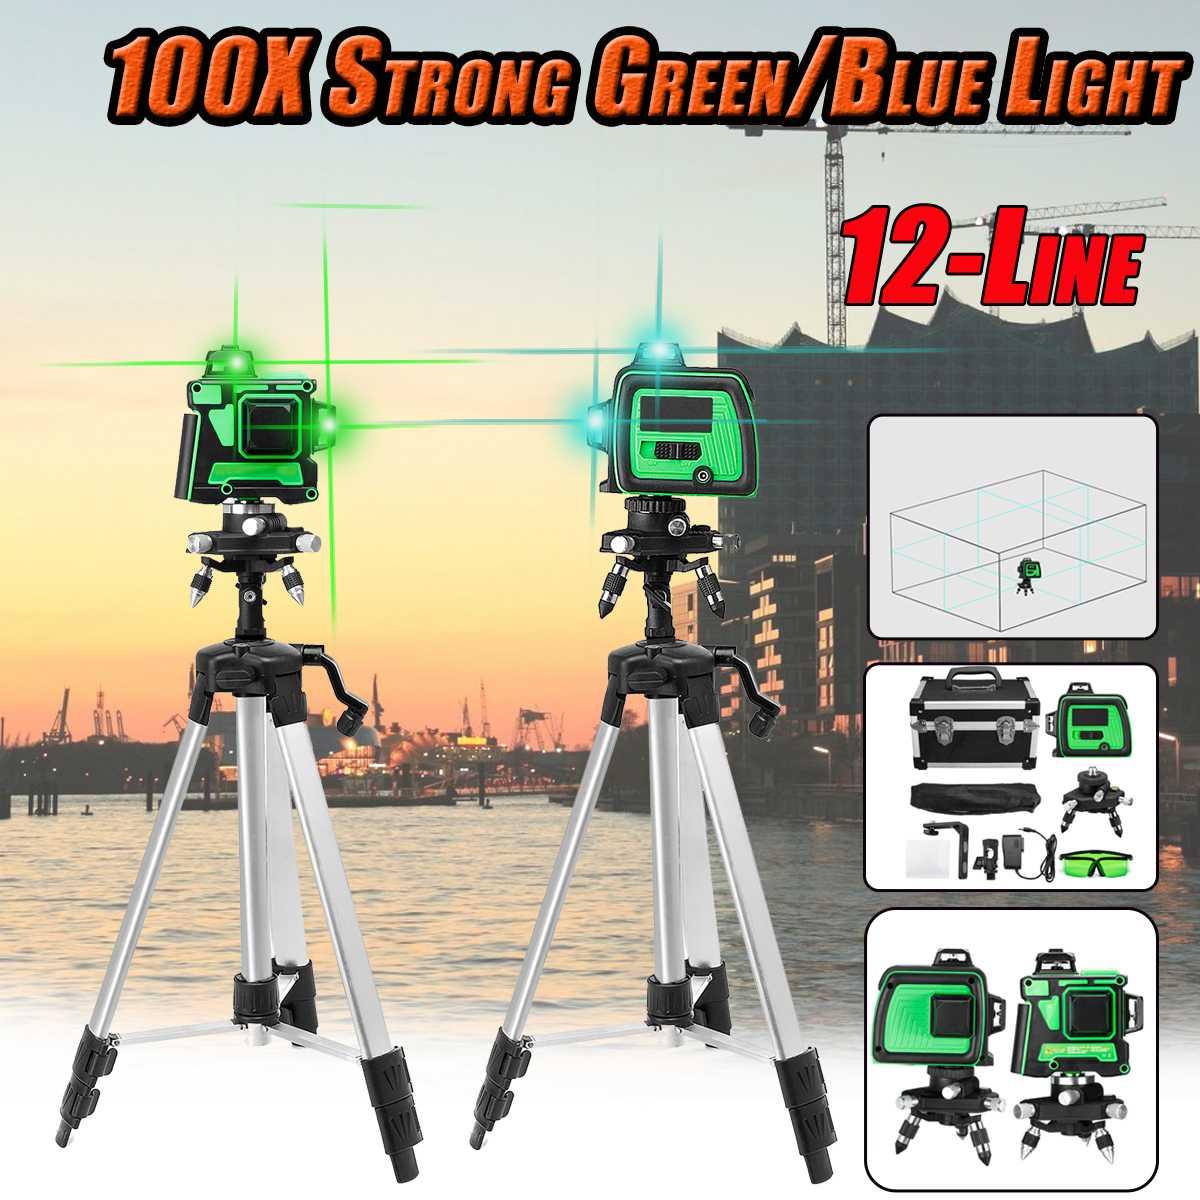 12 ligne 100X Forte Vert/Bleu Lumière 3D Laser Niveau Mesure Auto Nivellement 360 Horizontal Vertical Croix En Plein Air Mode w/Trépied